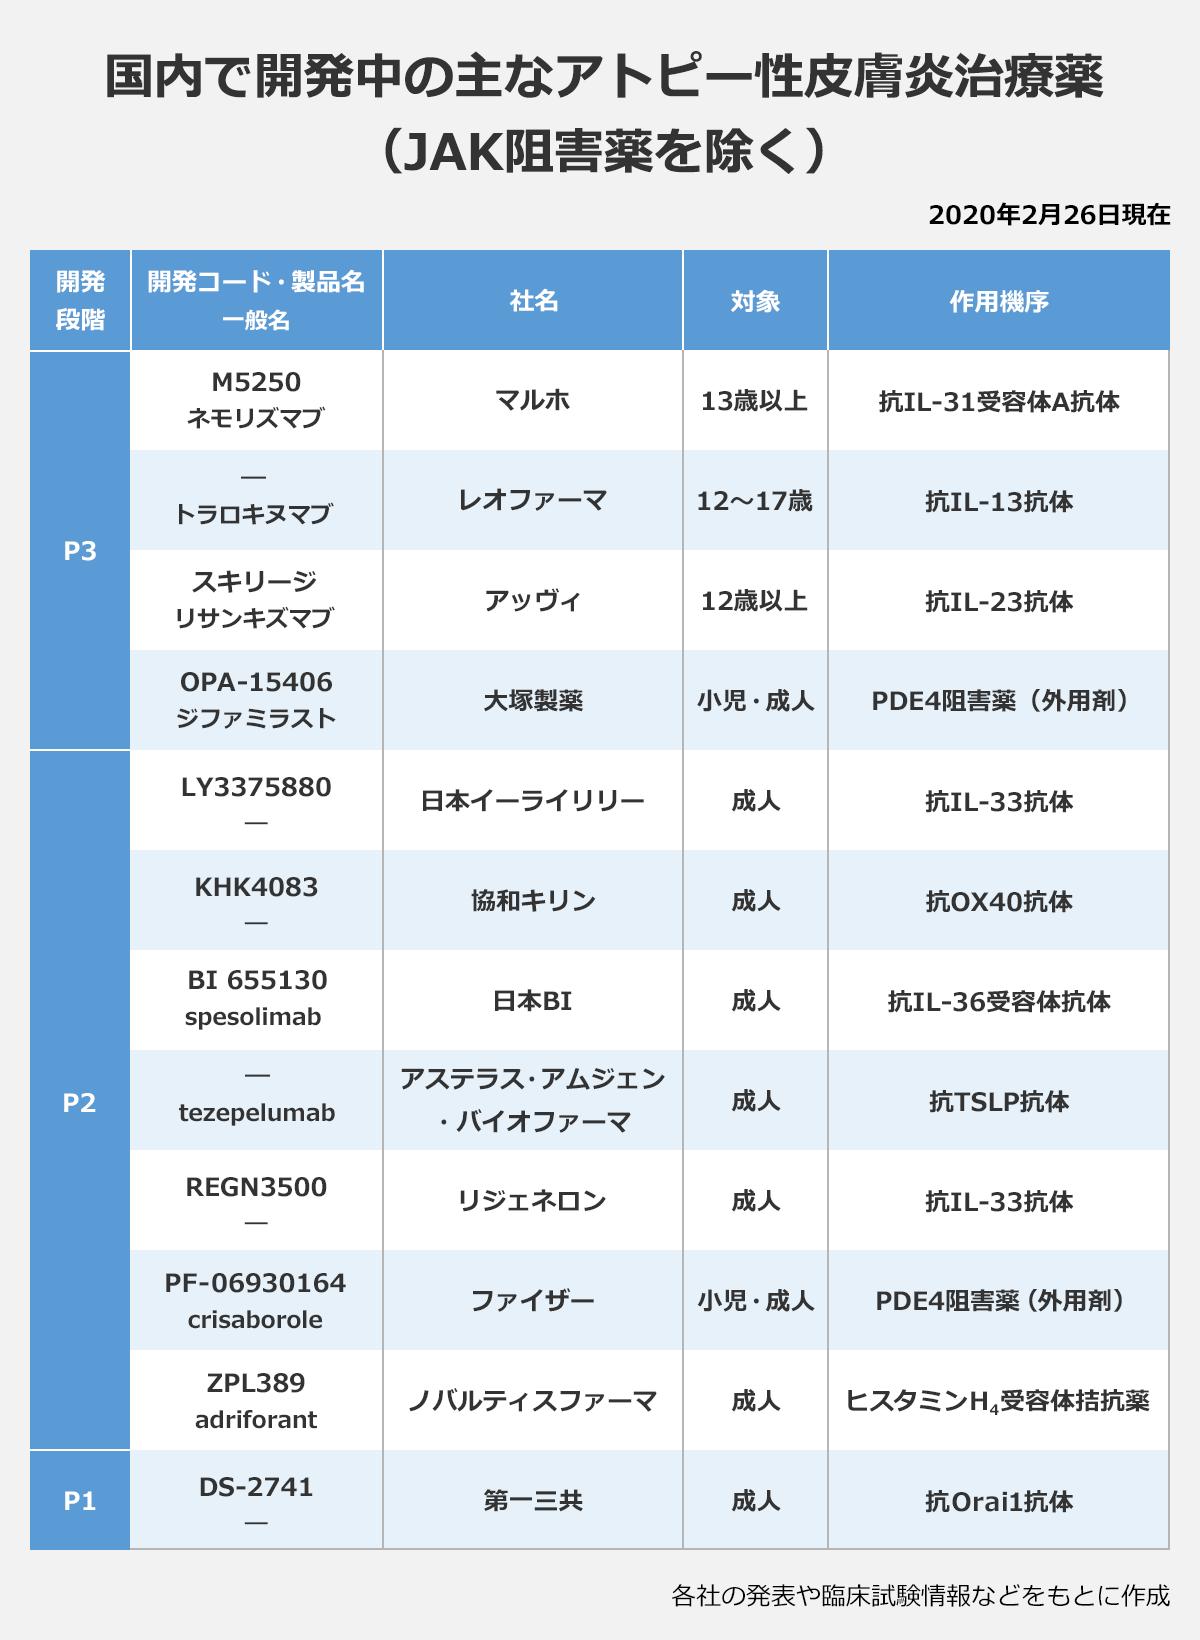 【国内で開発中の主なアトピー性皮膚炎治療薬(JAK阻害薬を除く)】(2020年2月26日現在)(開発段階/開発コード・製品名(一般名)/社名/対象/作用機序): 「P3」M5250(ネモリズマブ)/マルホ/13歳以上/抗IL-31受容体A抗体 |―(トラロキヌマブ)/レオファーマ/12~17歳/抗IL-13抗体 |スキリージ(リサンキズマブ)/アッヴィ/12歳以上/抗IL-23抗体 |OPA-15406(ジファミラスト)/大塚製薬/小児・成人/PDE4阻害薬(外用剤) |「P2」LY3375880(―)/日本イーライリリー/成人/抗IL-33抗体 |KHK4083(―)/協和キリン/成人/抗OX40抗体 |BI 655130(spesolimab)/日本BI/成人/抗IL-36受容体抗体 |―(tezepelumab)/アステラス・アムジェン・バイオファーマ/成人/抗TSLP抗体 |REGN3500(―)/リジェネロン/成人/抗IL-33抗体 |PF-06930164(crisaborole)/ファイザー/小児・成人/PDE4阻害薬(外用剤) |ZPL389(adriforant)/ノバルティスファーマ/成人/ヒスタミンH4受容体拮抗薬 |「P1」DS-2741(―)/第一三共/成人/抗Orai1抗体 |※各社の発表や臨床試験情報などをもとに作成